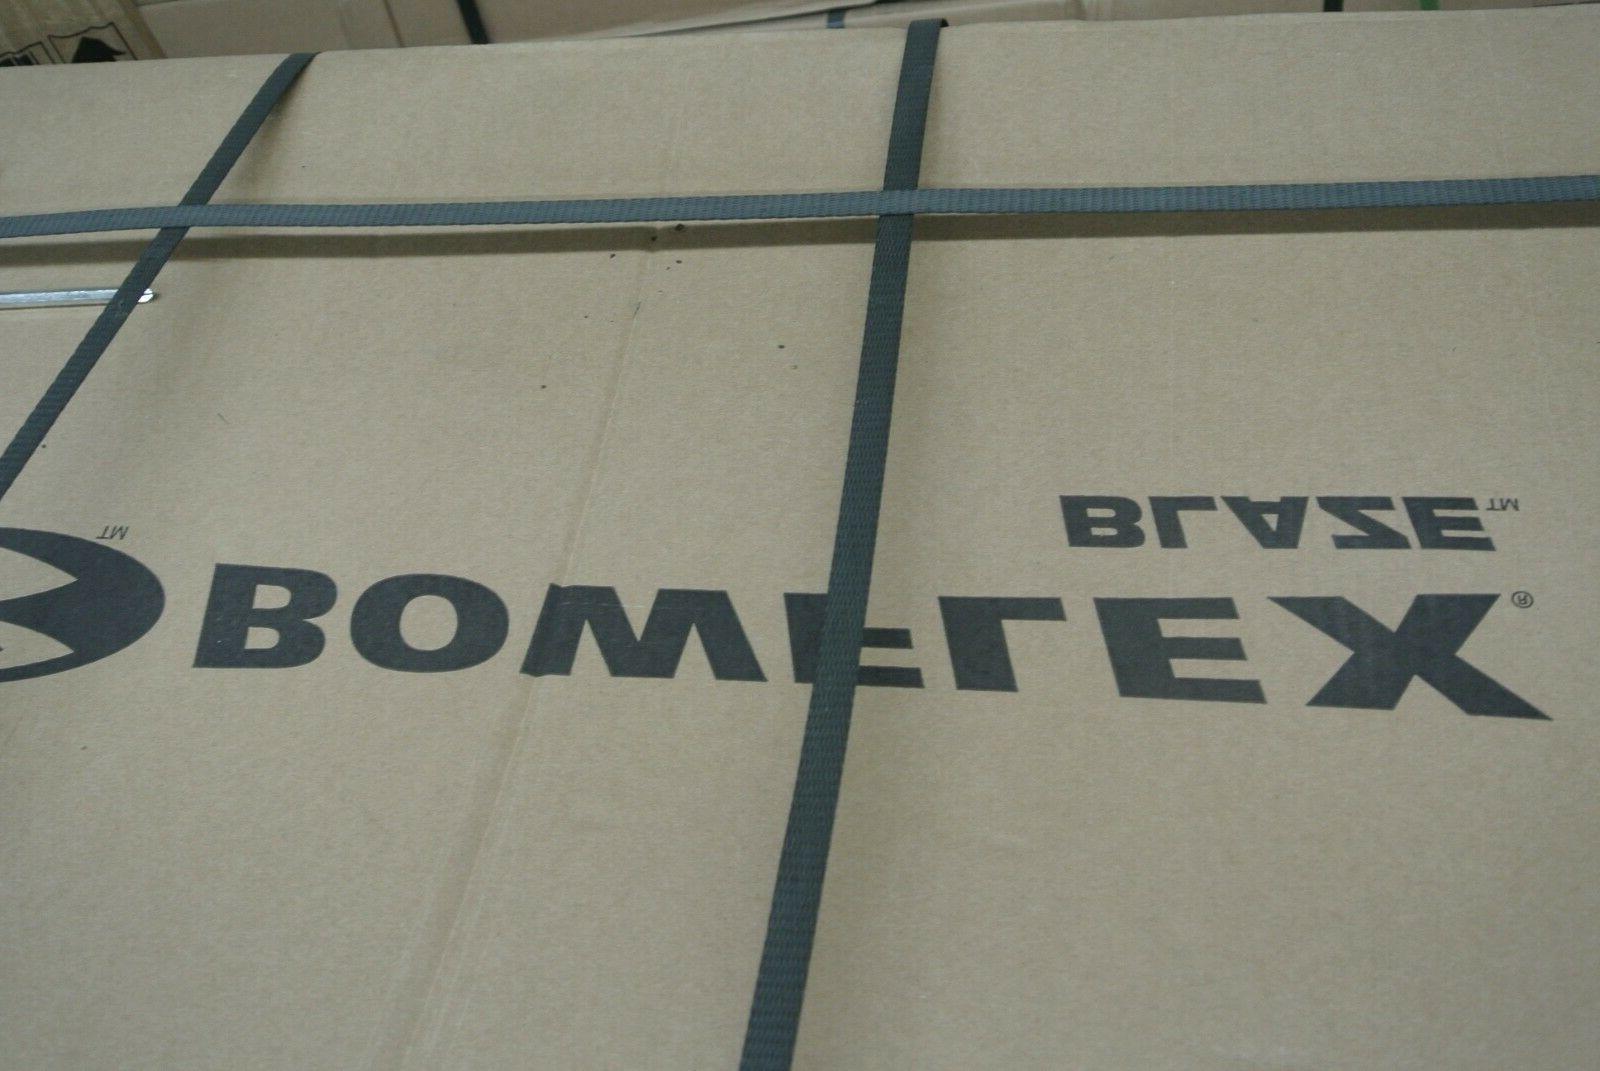 Bowflex Full Body